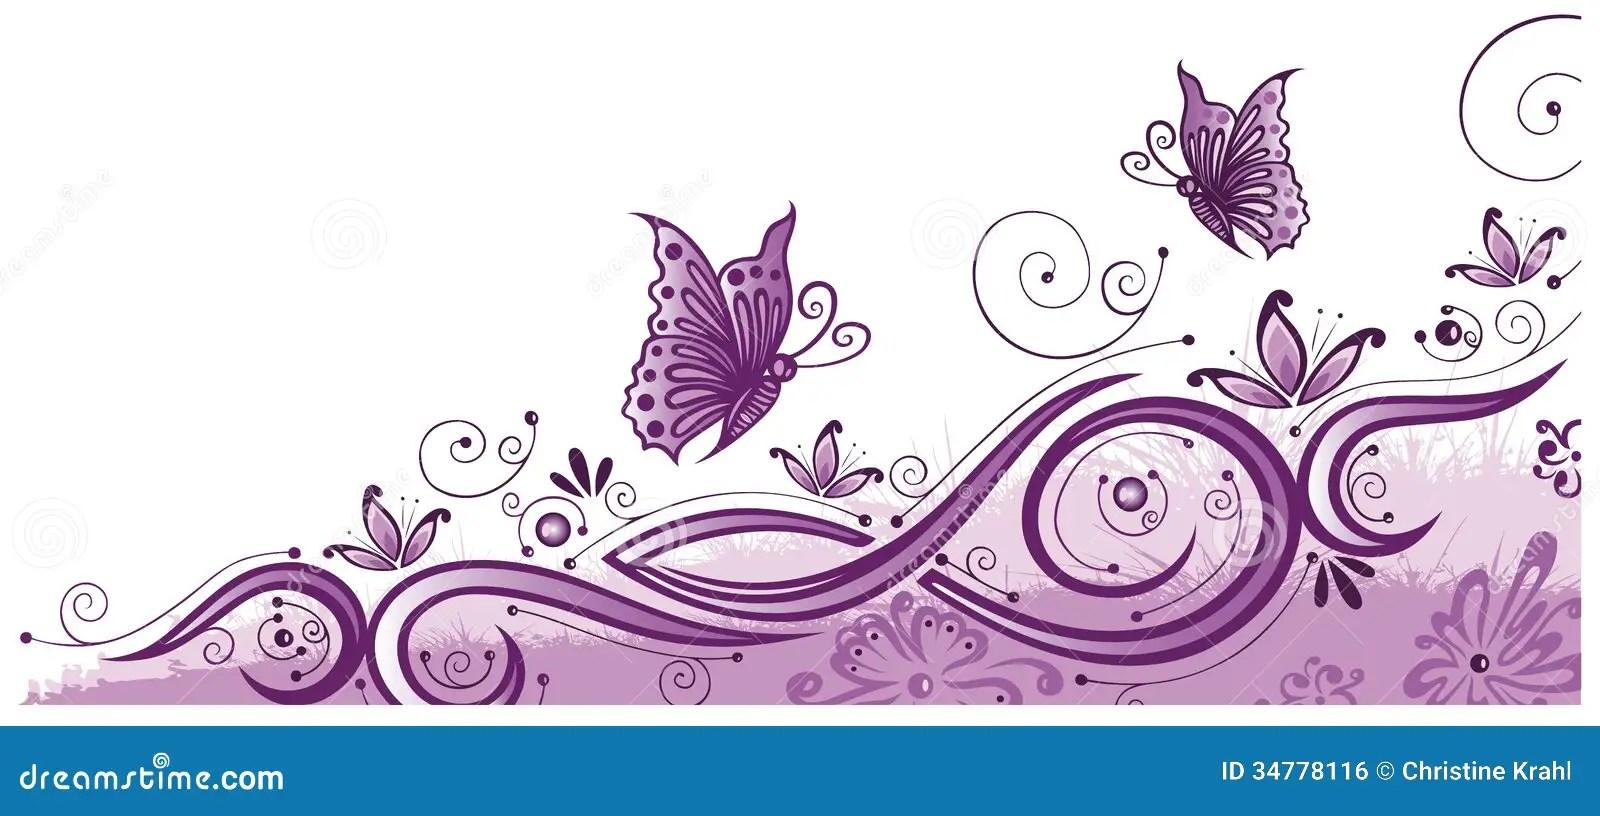 hight resolution of butterflies summer